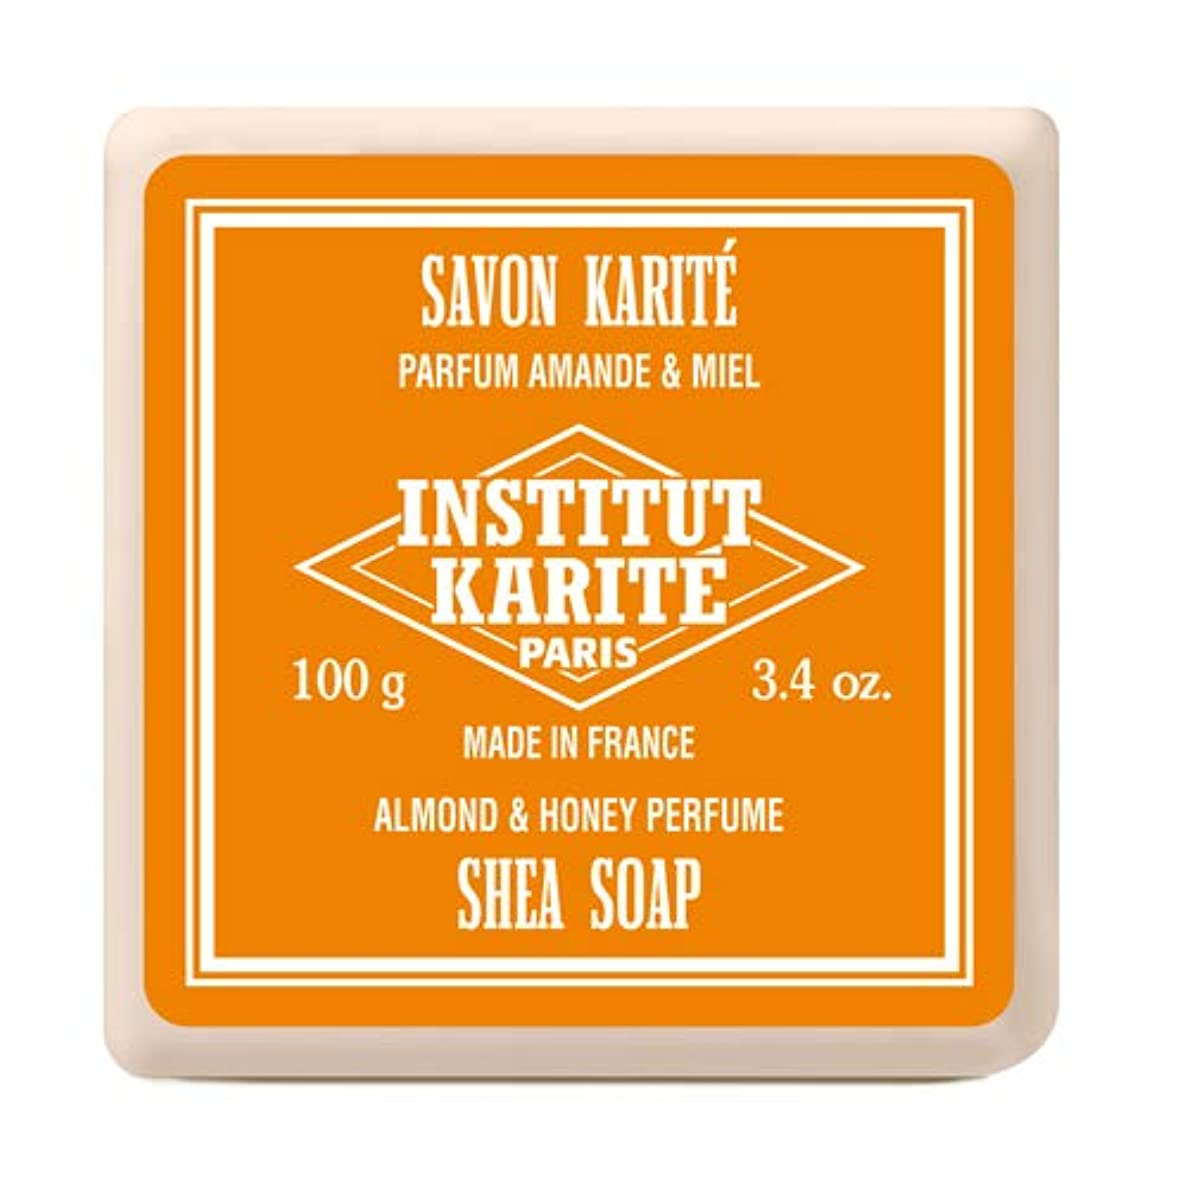 国家解任飽和するINSTITUT KARITE インスティテュート カリテ Shea Wrapped Soap シアソープ 100g Almond & Honey アーモンド&ハニー